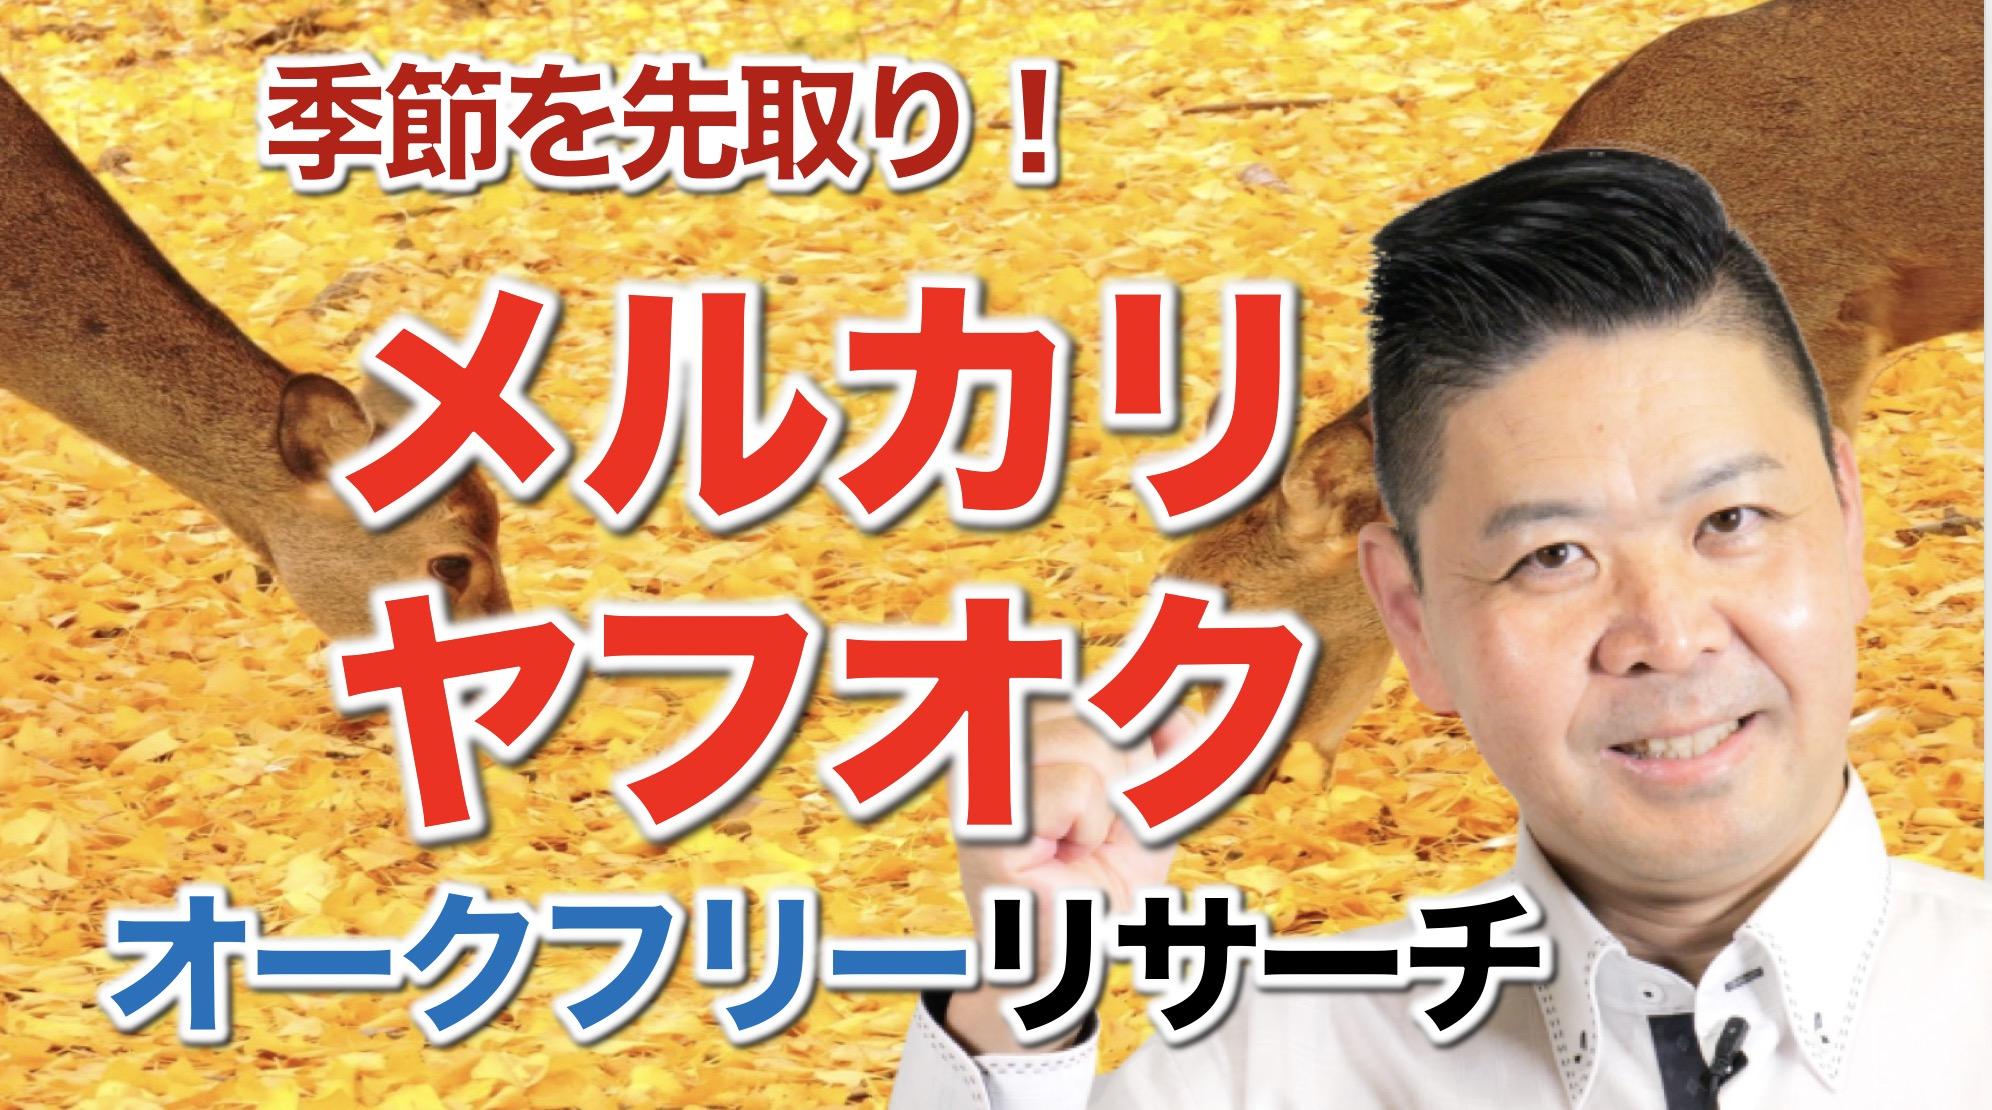 メルカリ ヤフオク季節を先取り!! オークフリーリサーチ